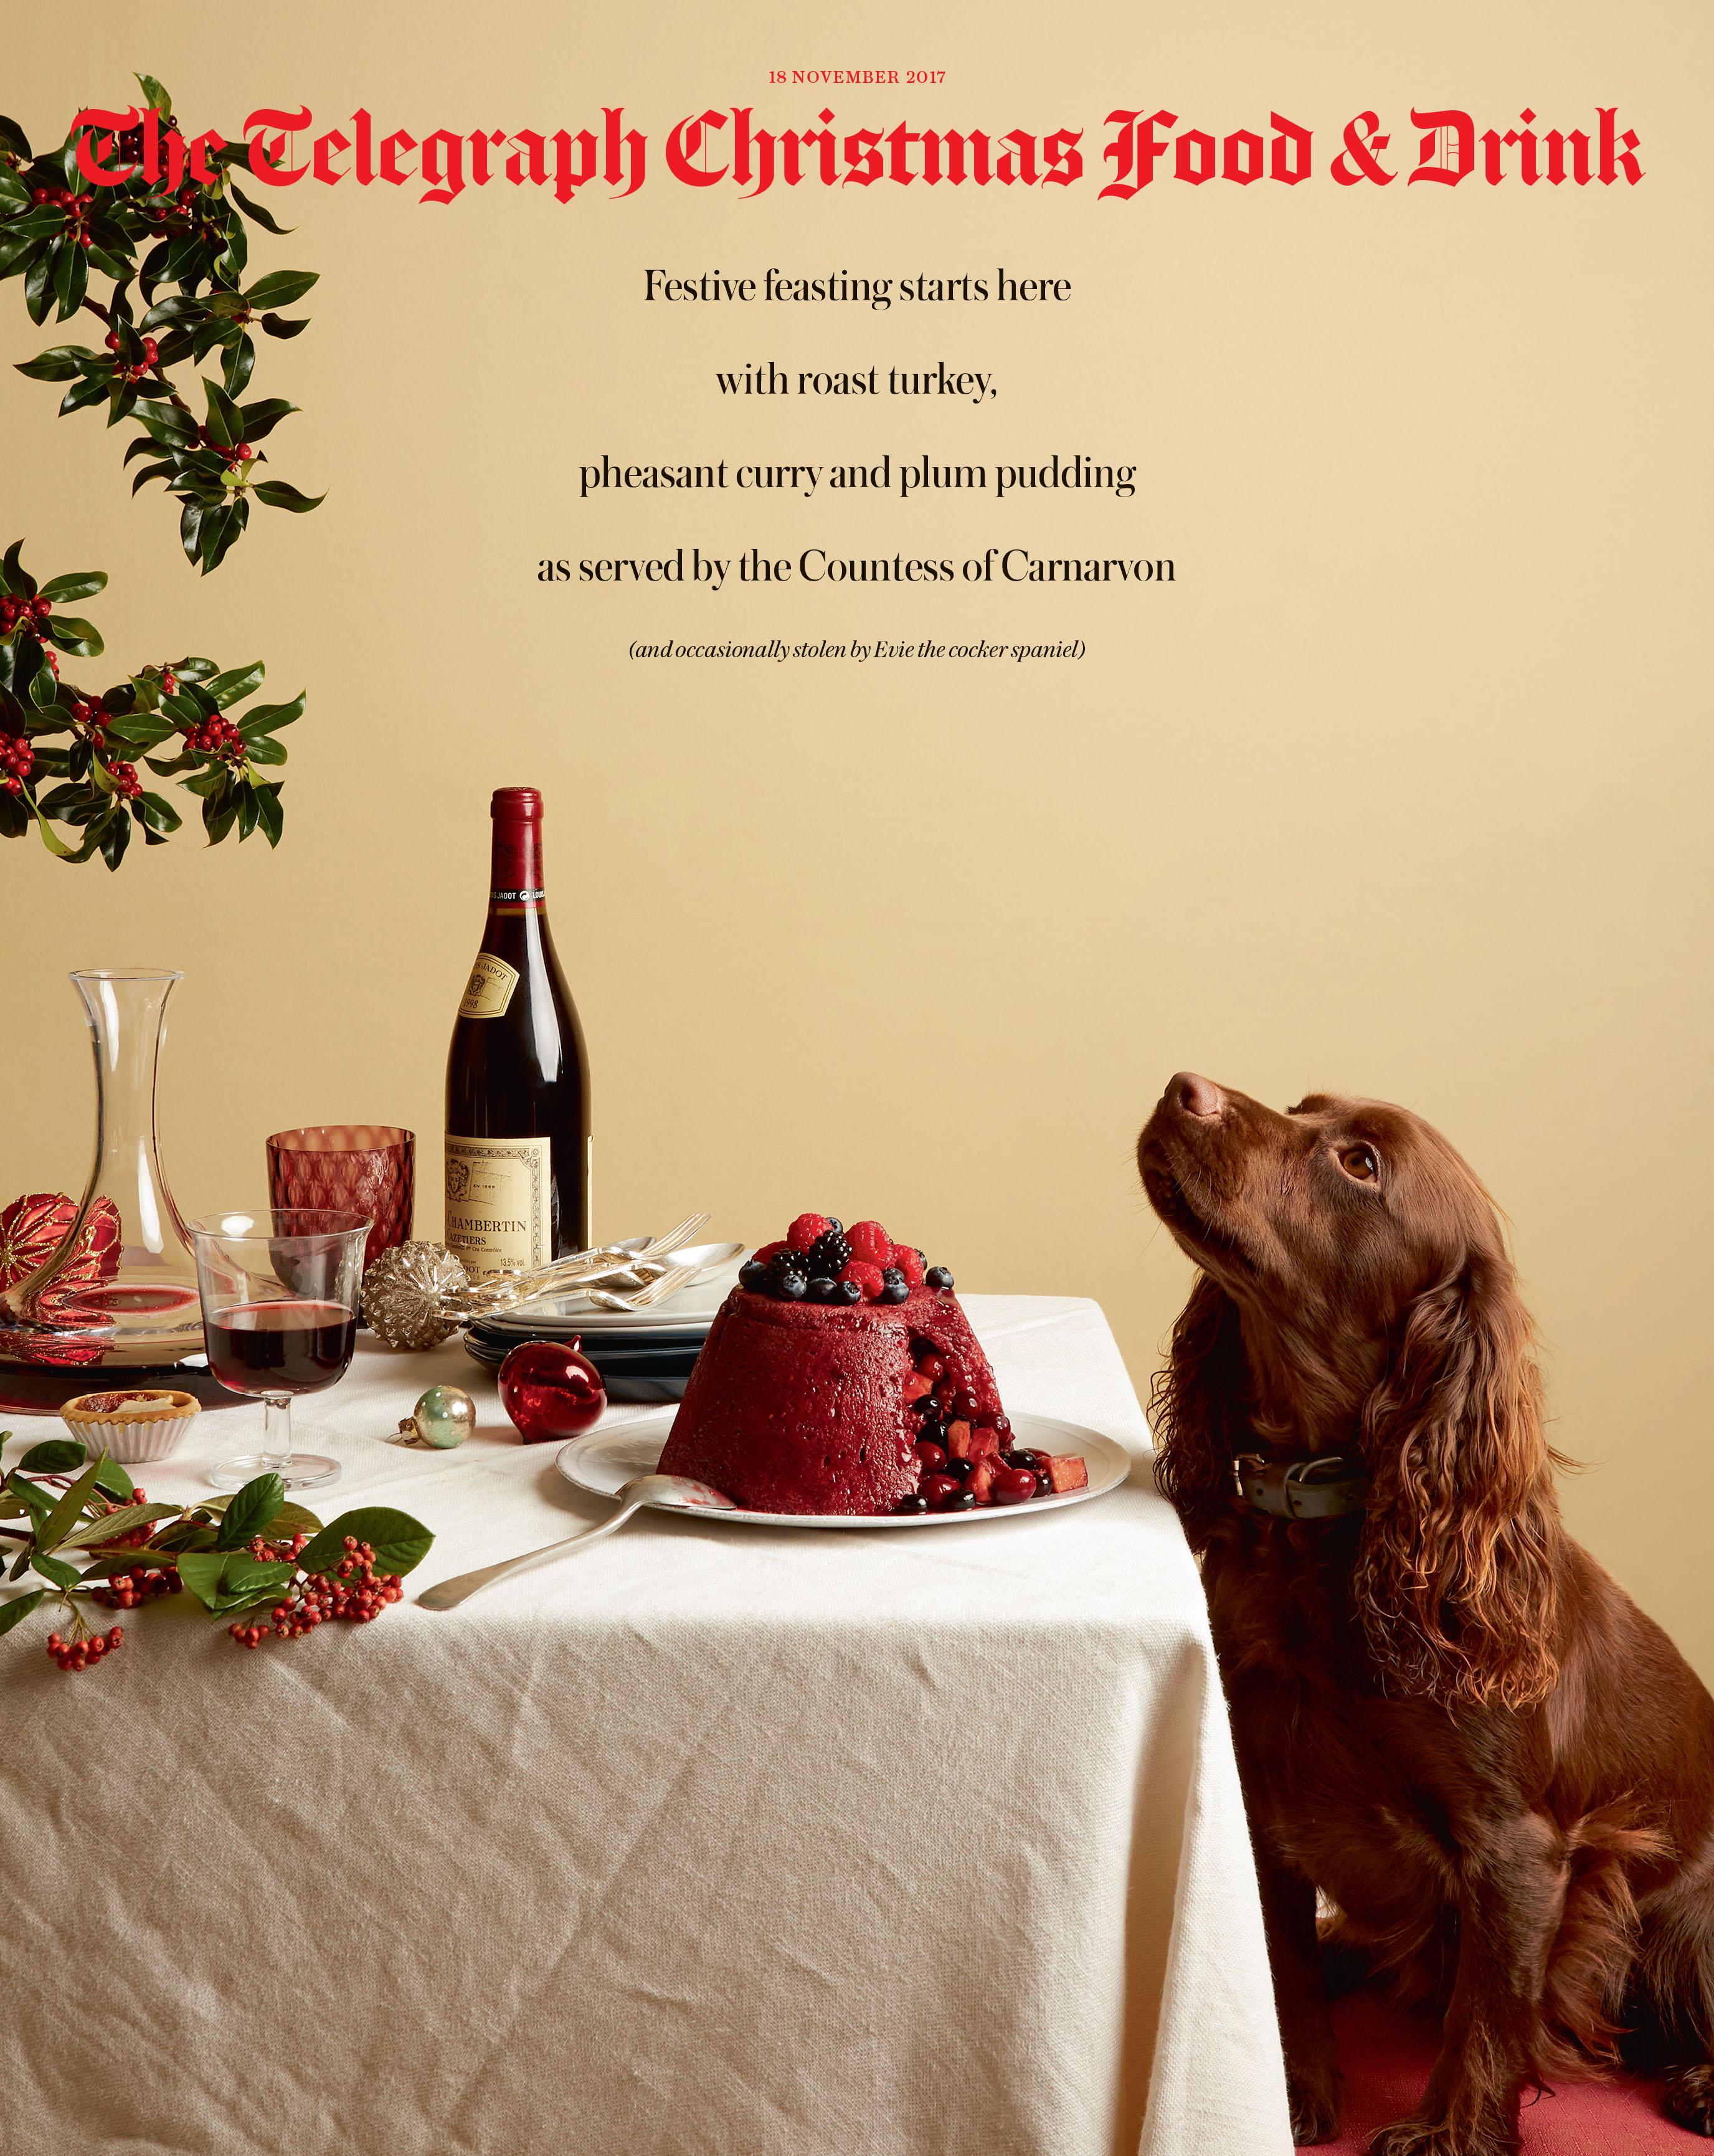 Telegraph Magazine Christmas food and drink 2017